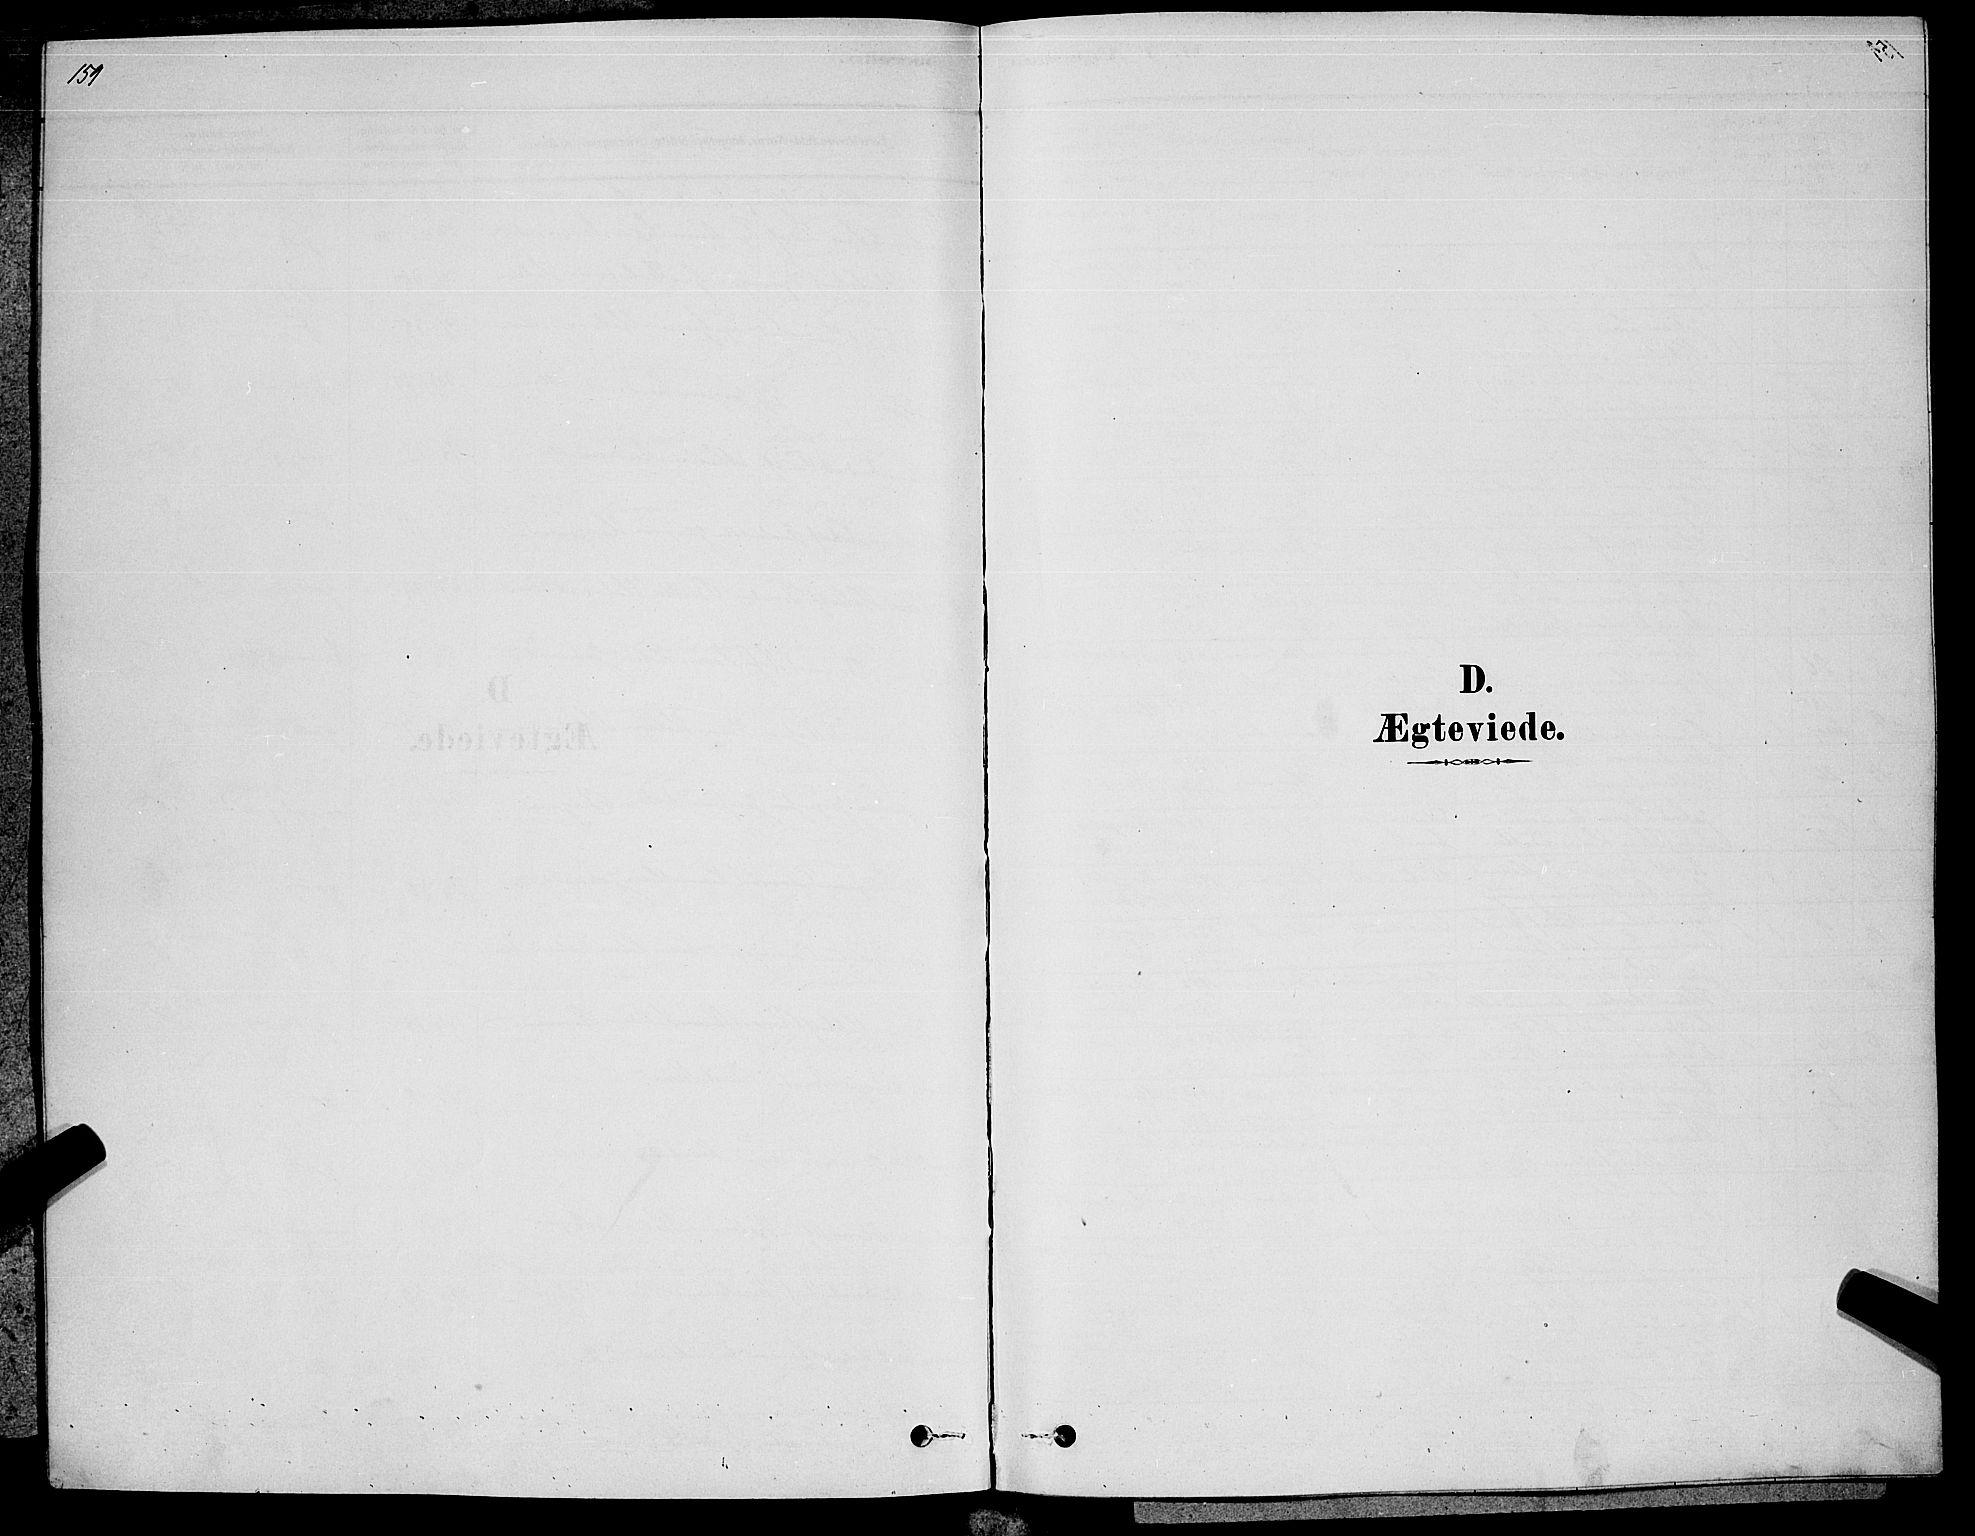 SAKO, Kongsberg kirkebøker, G/Ga/L0005: Klokkerbok nr. 5, 1878-1889, s. 159